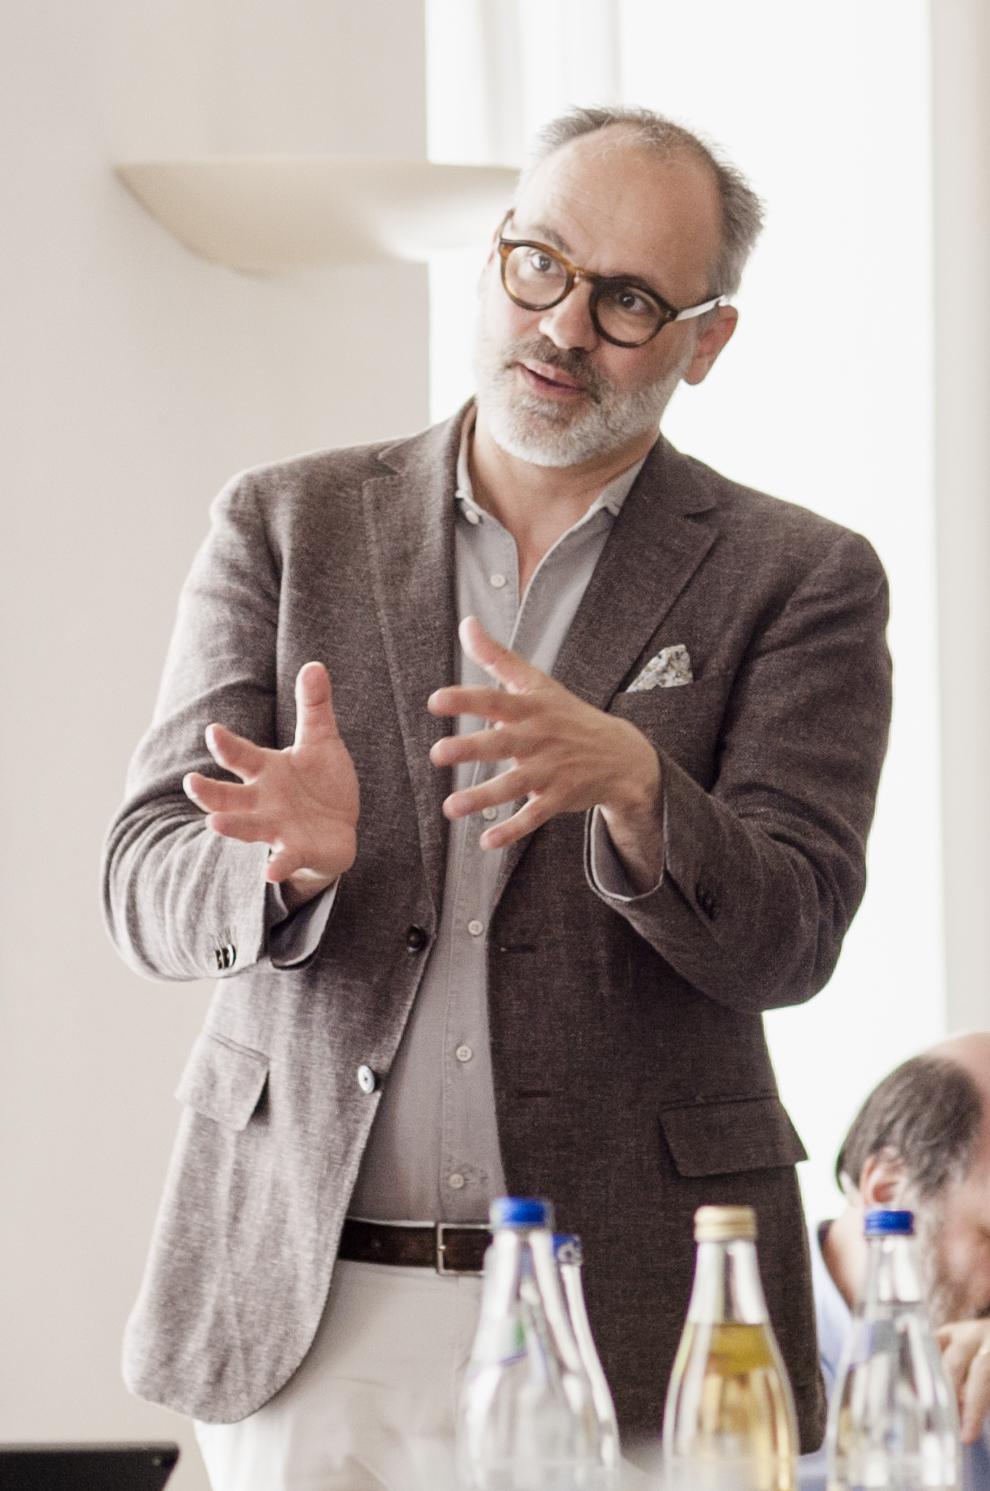 Dr. Dr. Oliver Putz, Affiliate Scholar am IASS, Institut für transformative Nachhaltigkeitsforschung, Potsdam